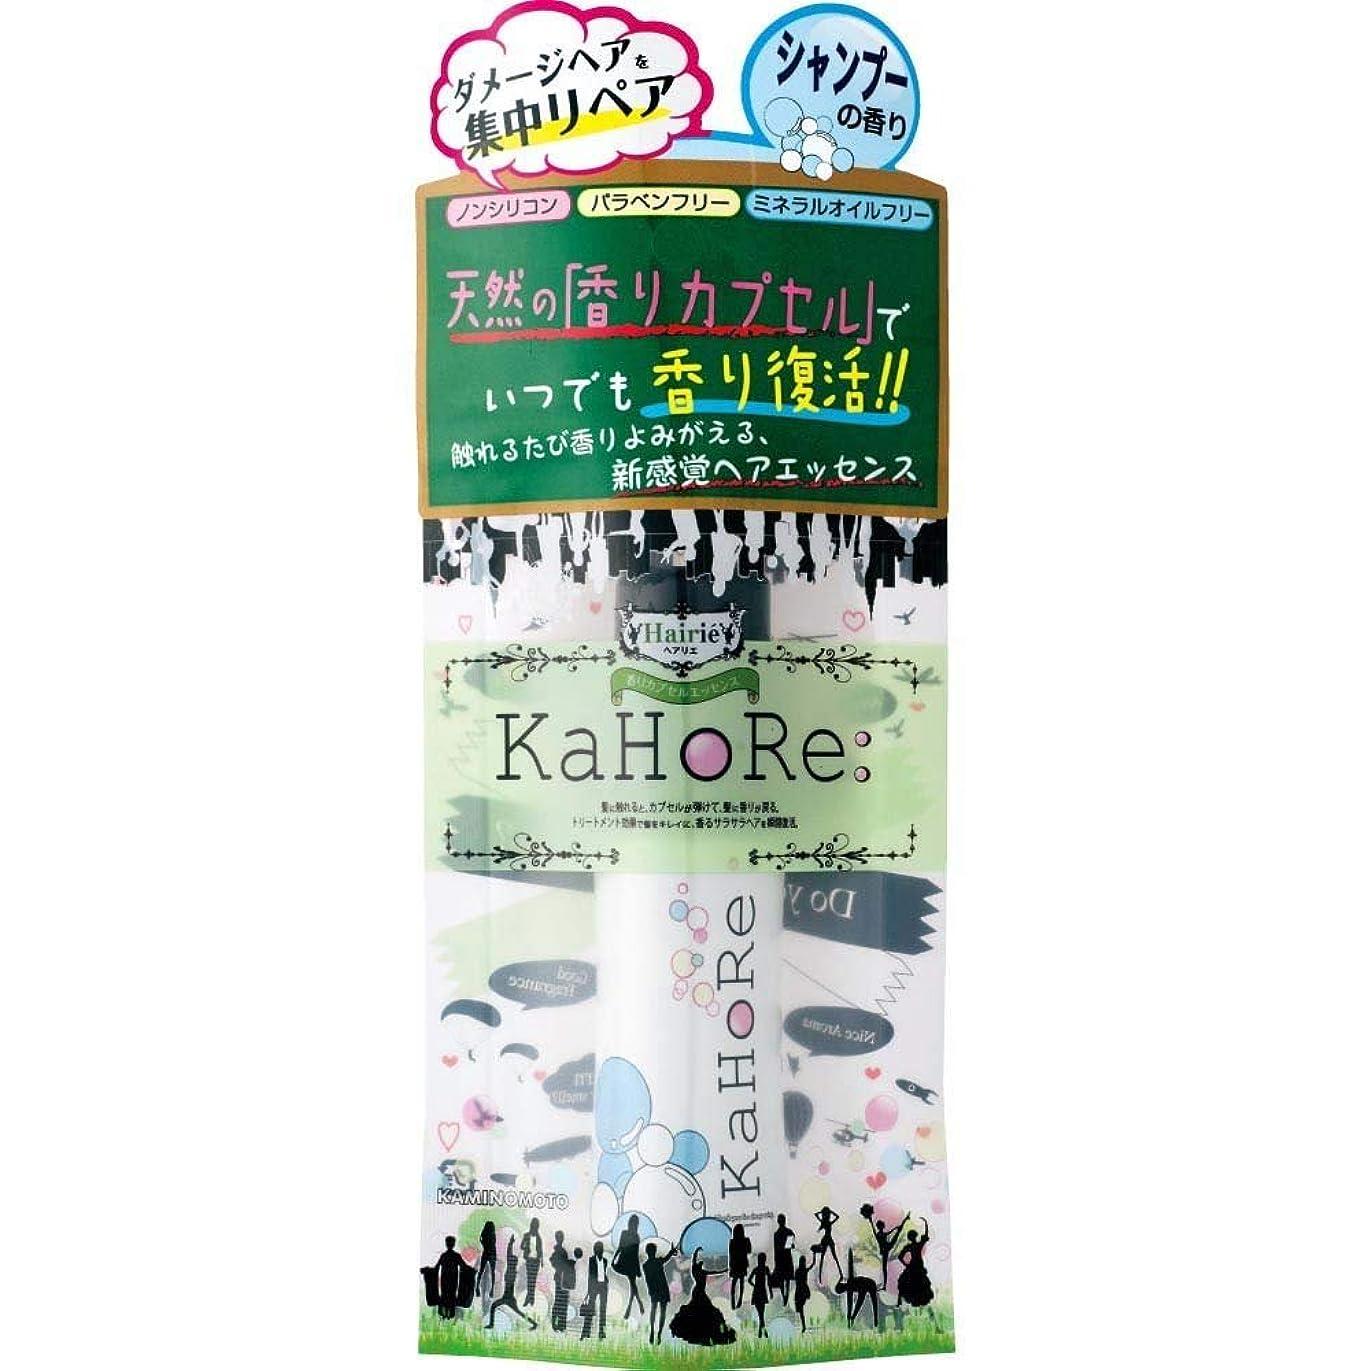 責任ユニークな助言ヘアリエ KaHoRe ヘアエッセンス 洗いたてのシャンプーの香り 30g×6個